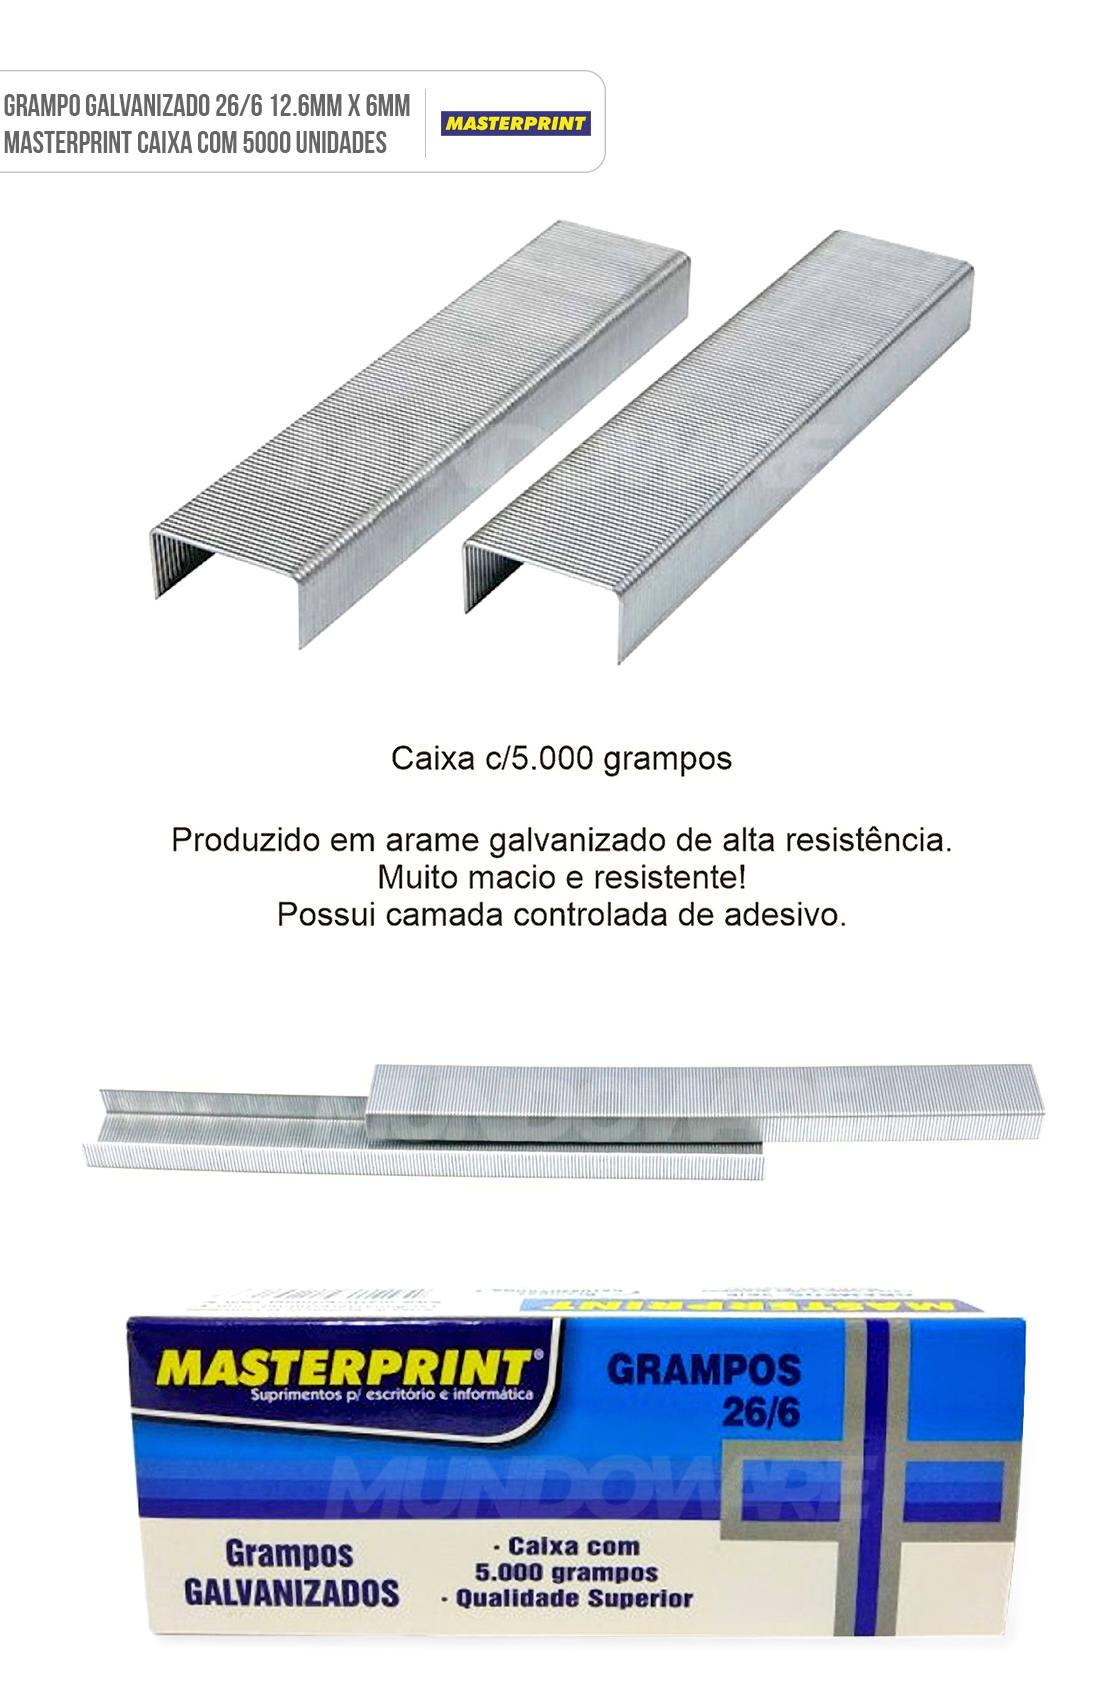 Grampo Galvanizado 26/6 12.6mm x 6mm Masterprint Caixa com 5000 Unidades